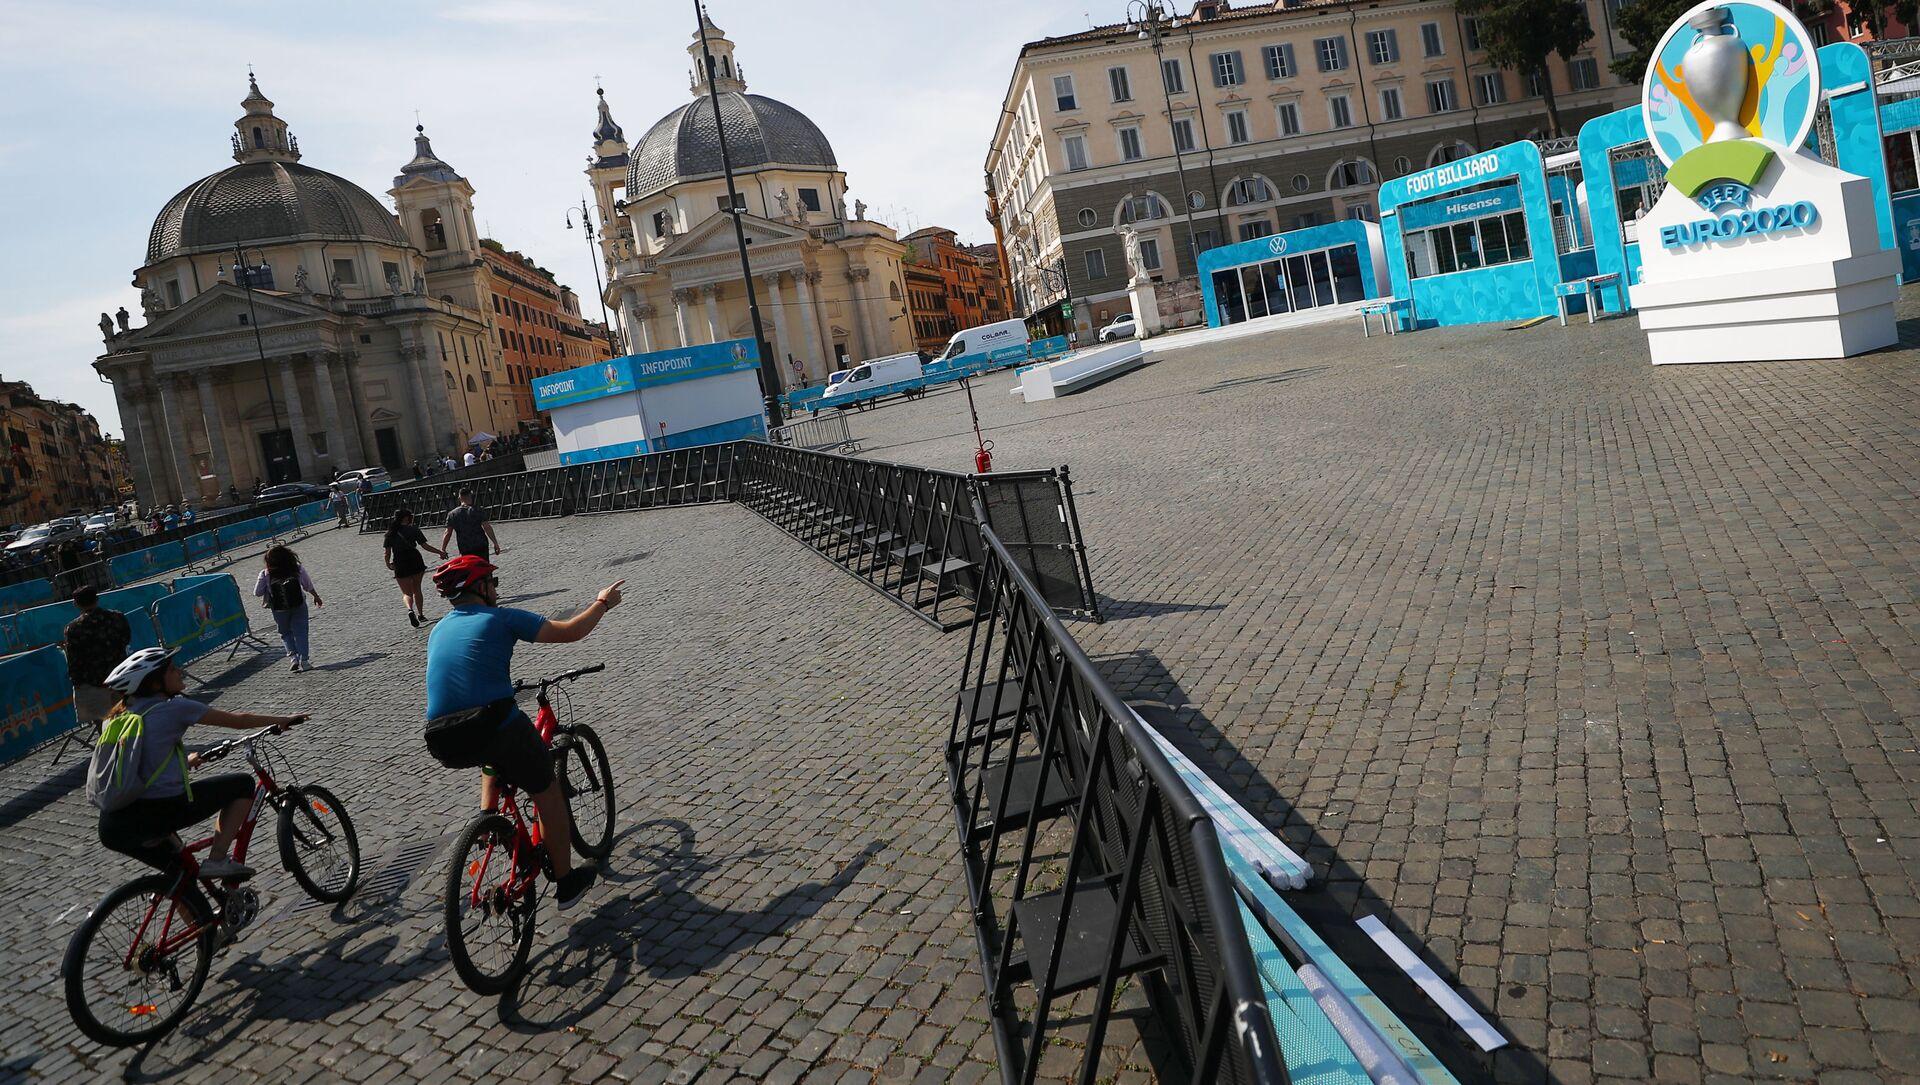 Những người đi xe đạp trong khu vực dành cho người hâm mộ ở Piazza del Popolo ở Rome, khu vực đang được trang trí chuẩn bị  cho UEFA EURO 2020. - Sputnik Việt Nam, 1920, 10.06.2021